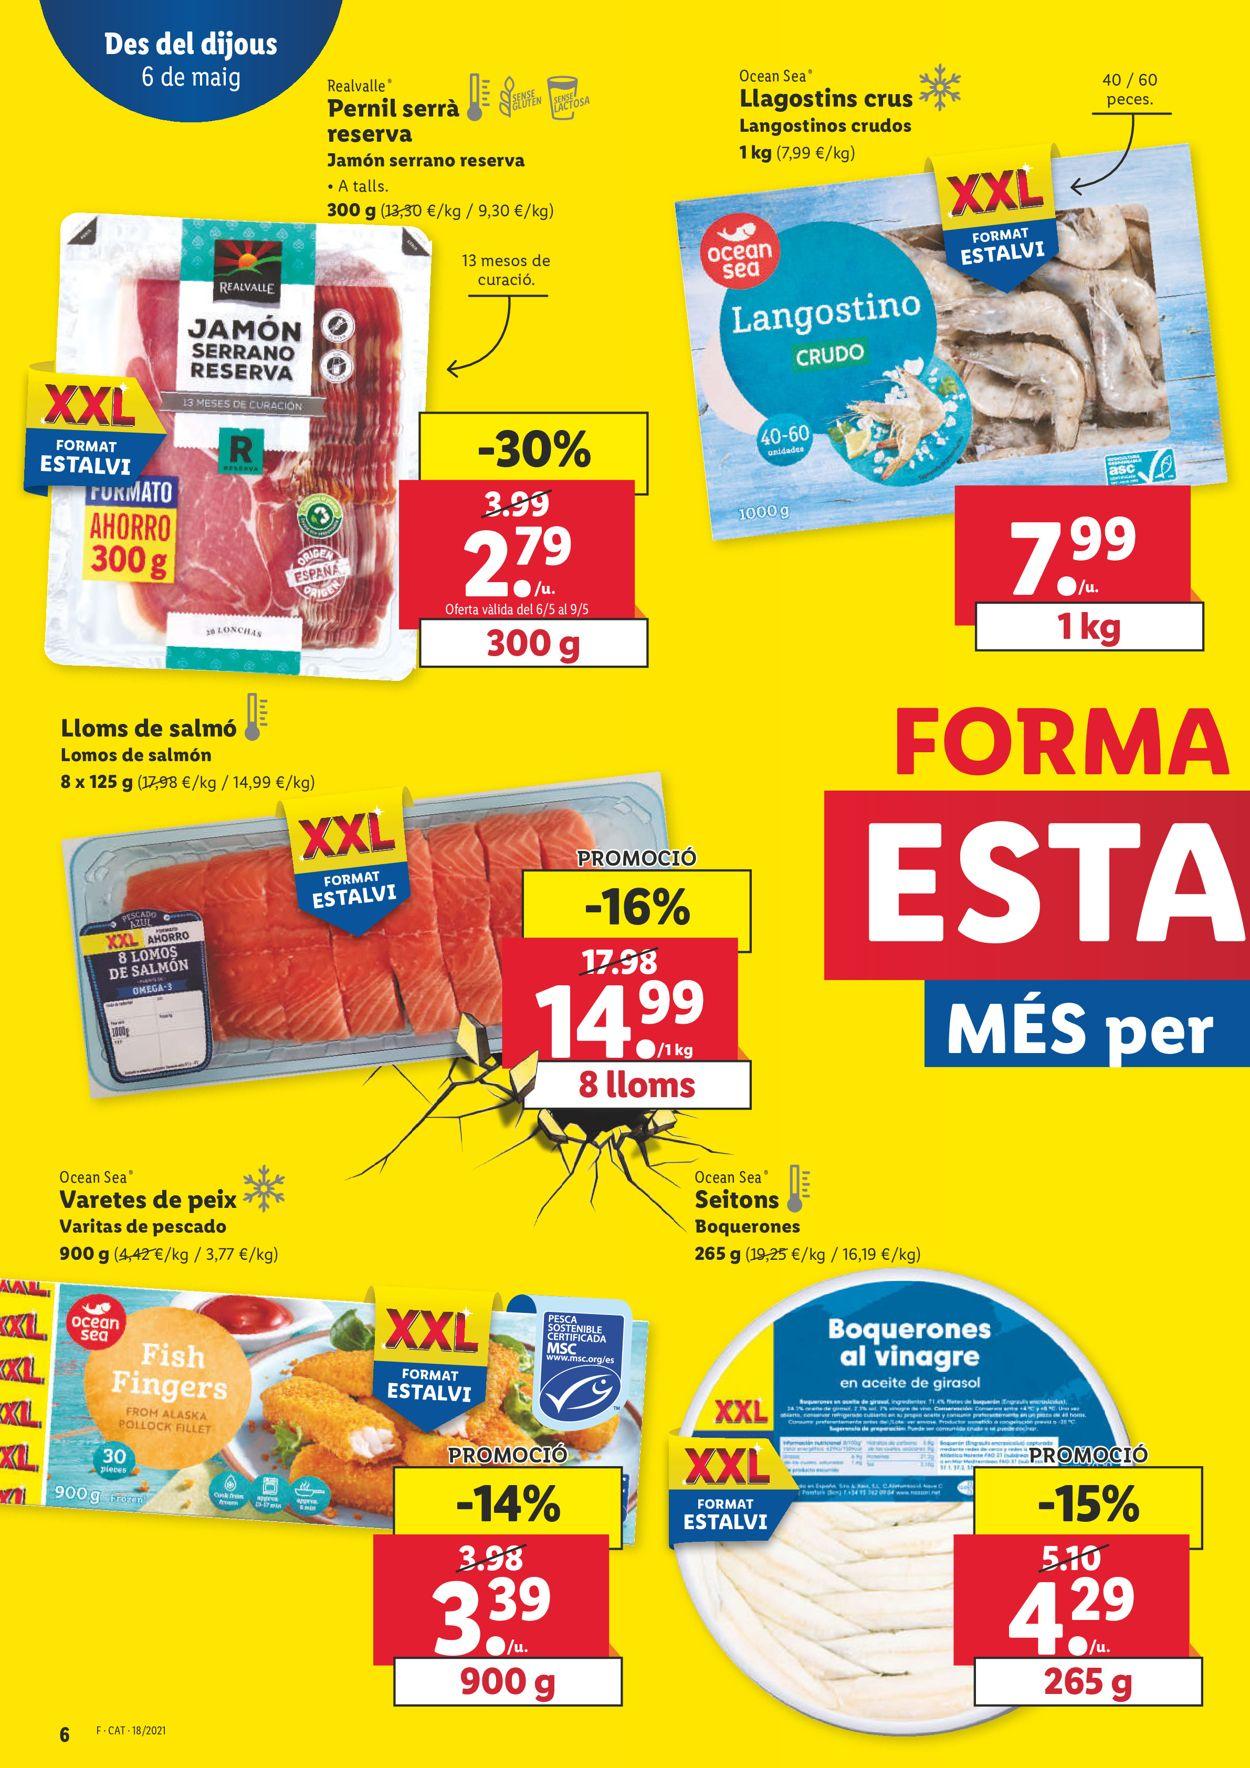 Lidl Folleto - 06.05-12.05.2021 (Página 6)